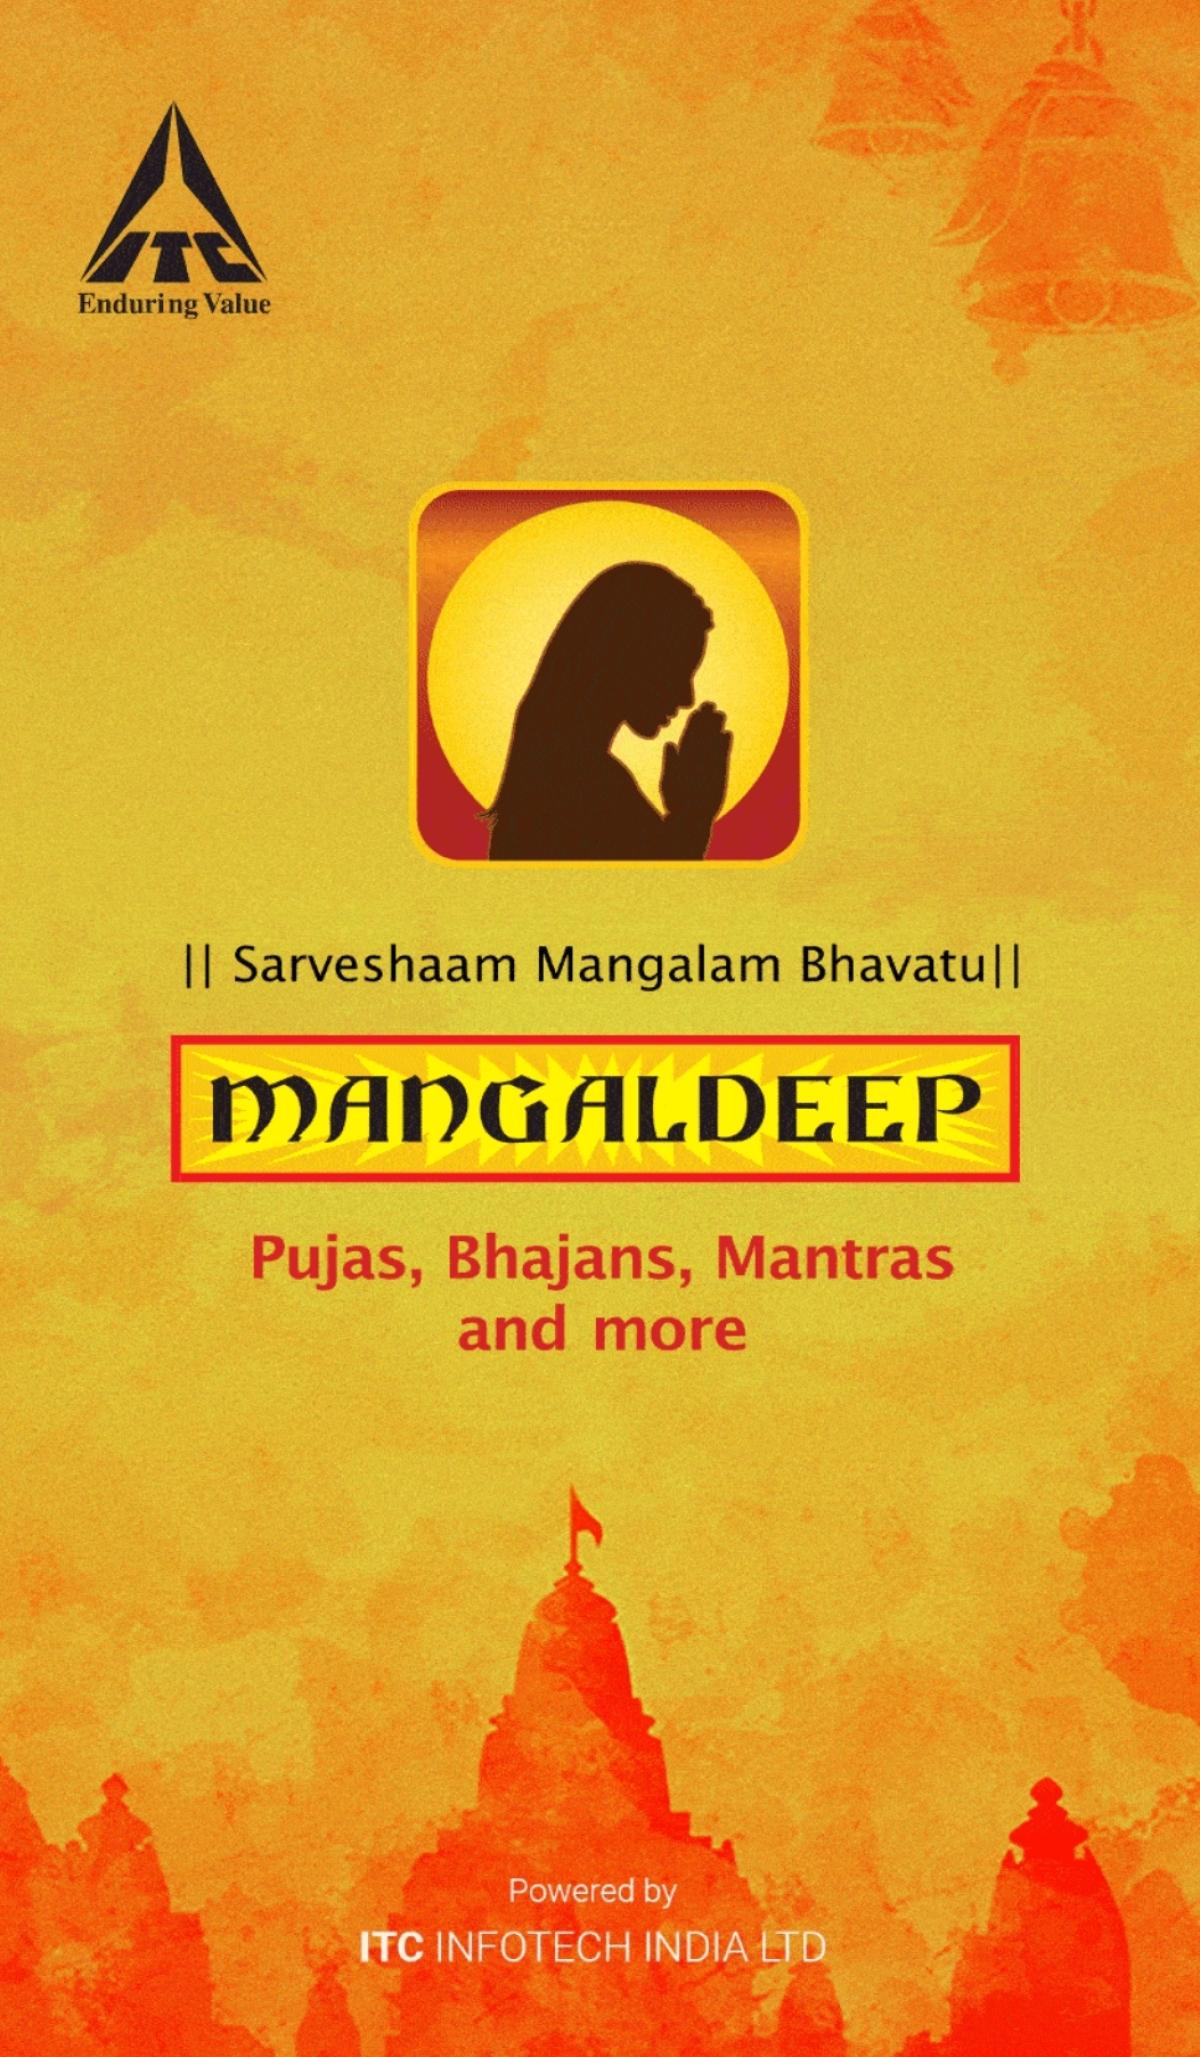 The Mangaldeep App